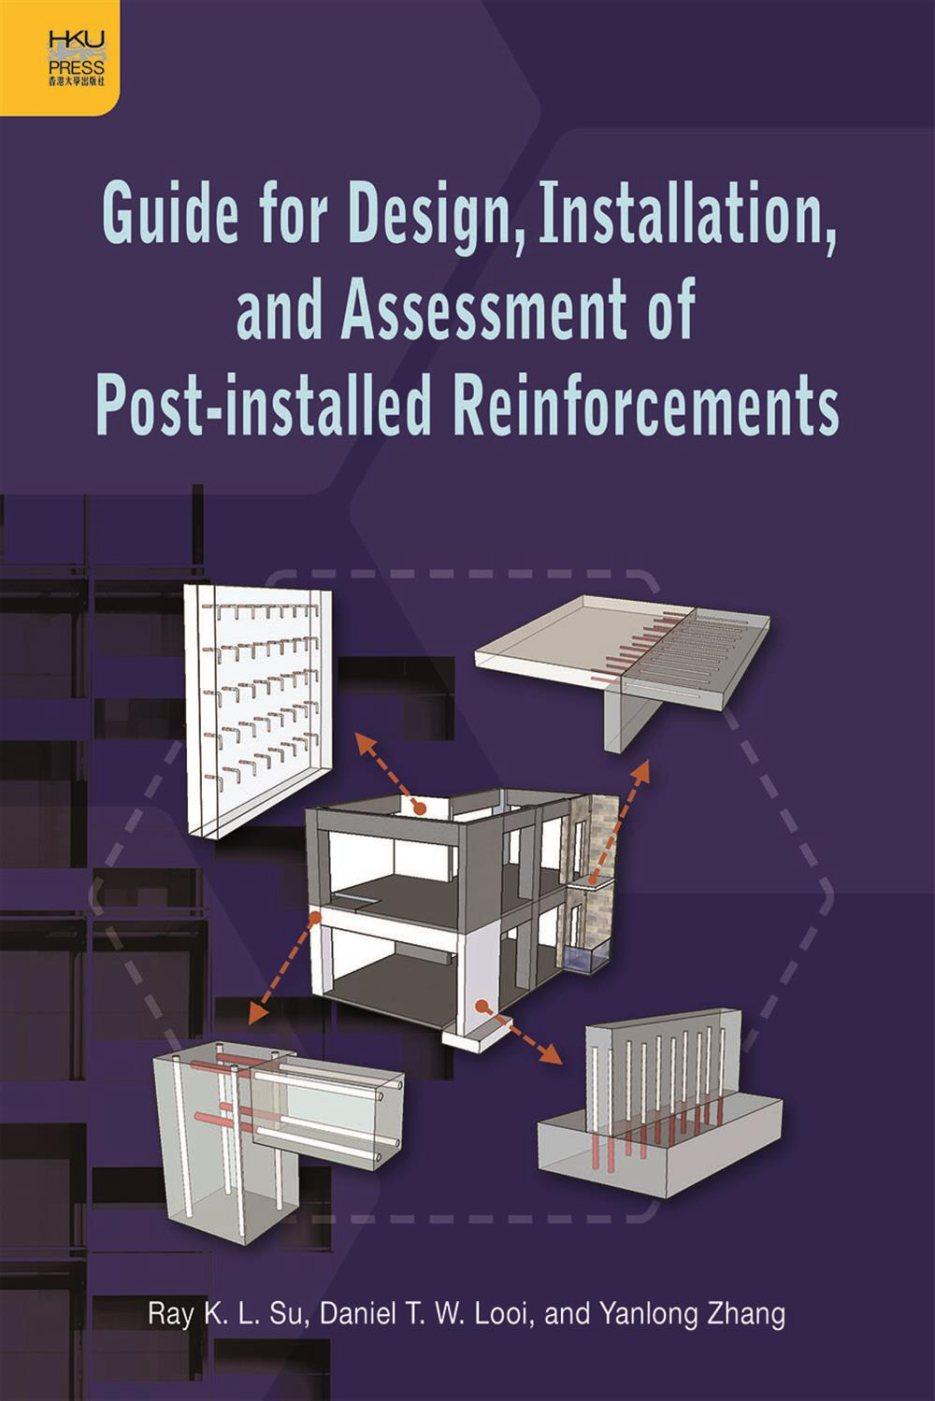 植筋的設計、安裝和評估的指導